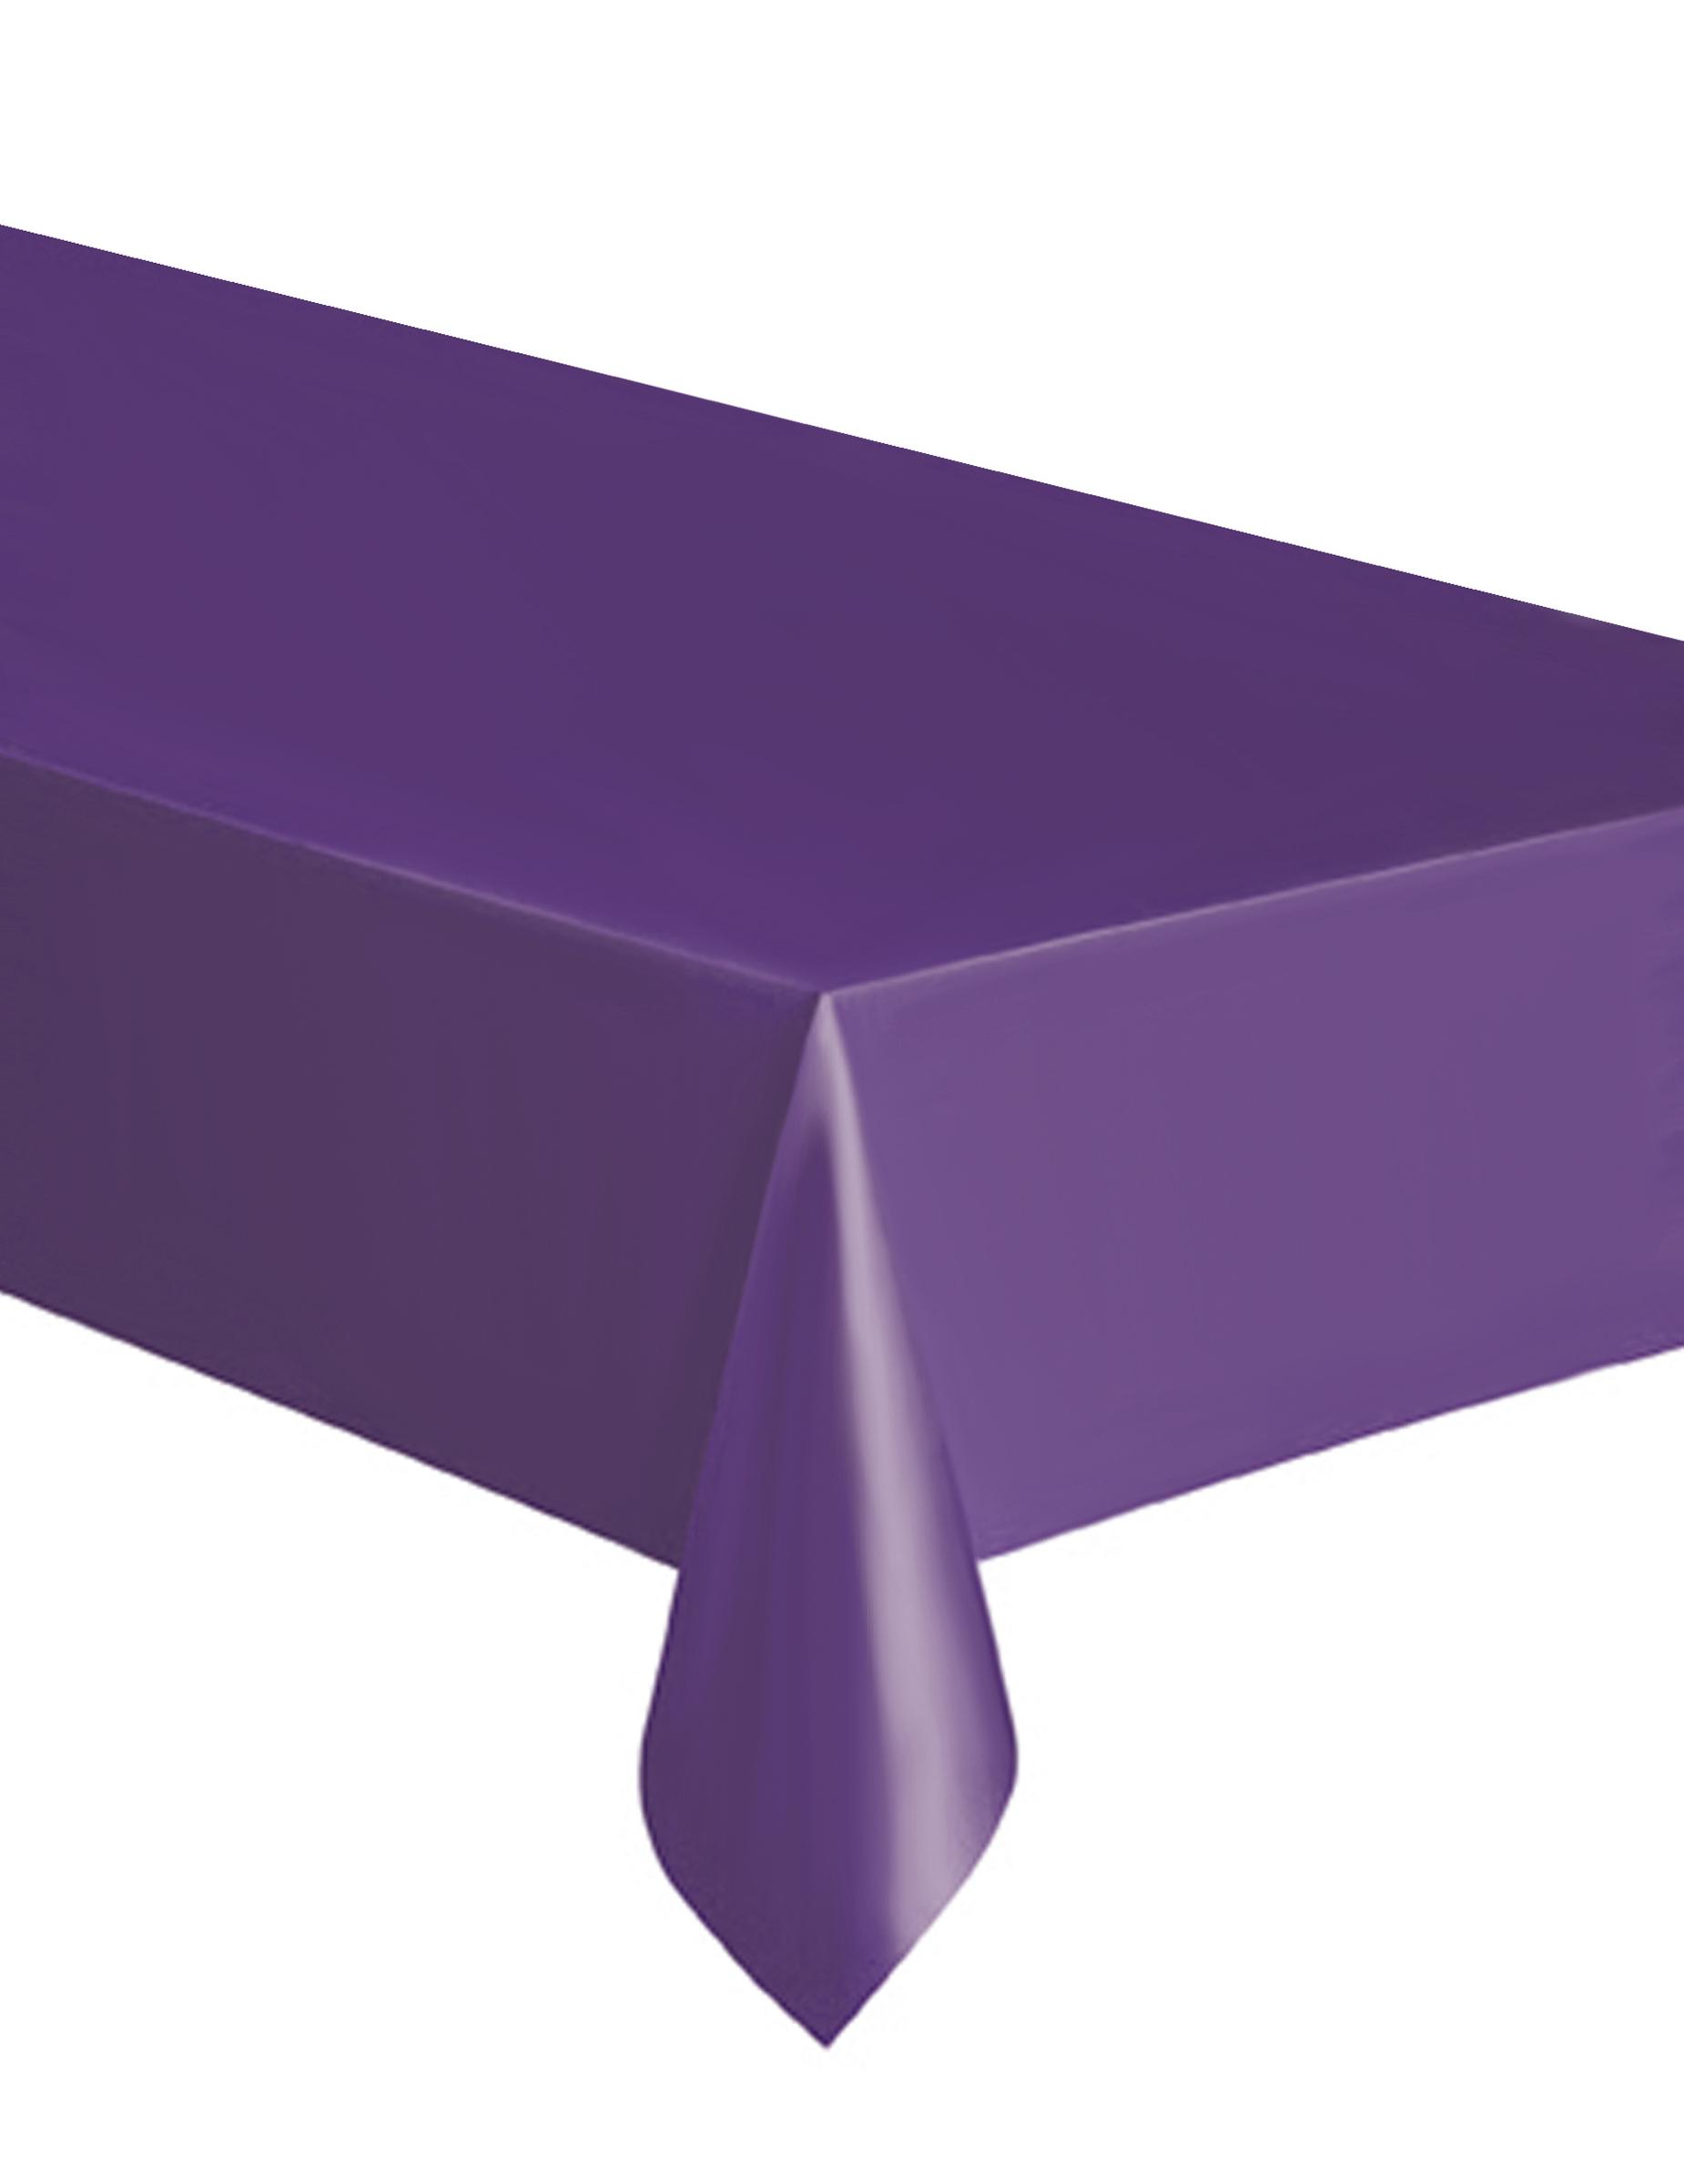 Mantel rectangular violeta pl stico decoraci n y disfraces originales baratos vegaoo - Mantel plastico ...